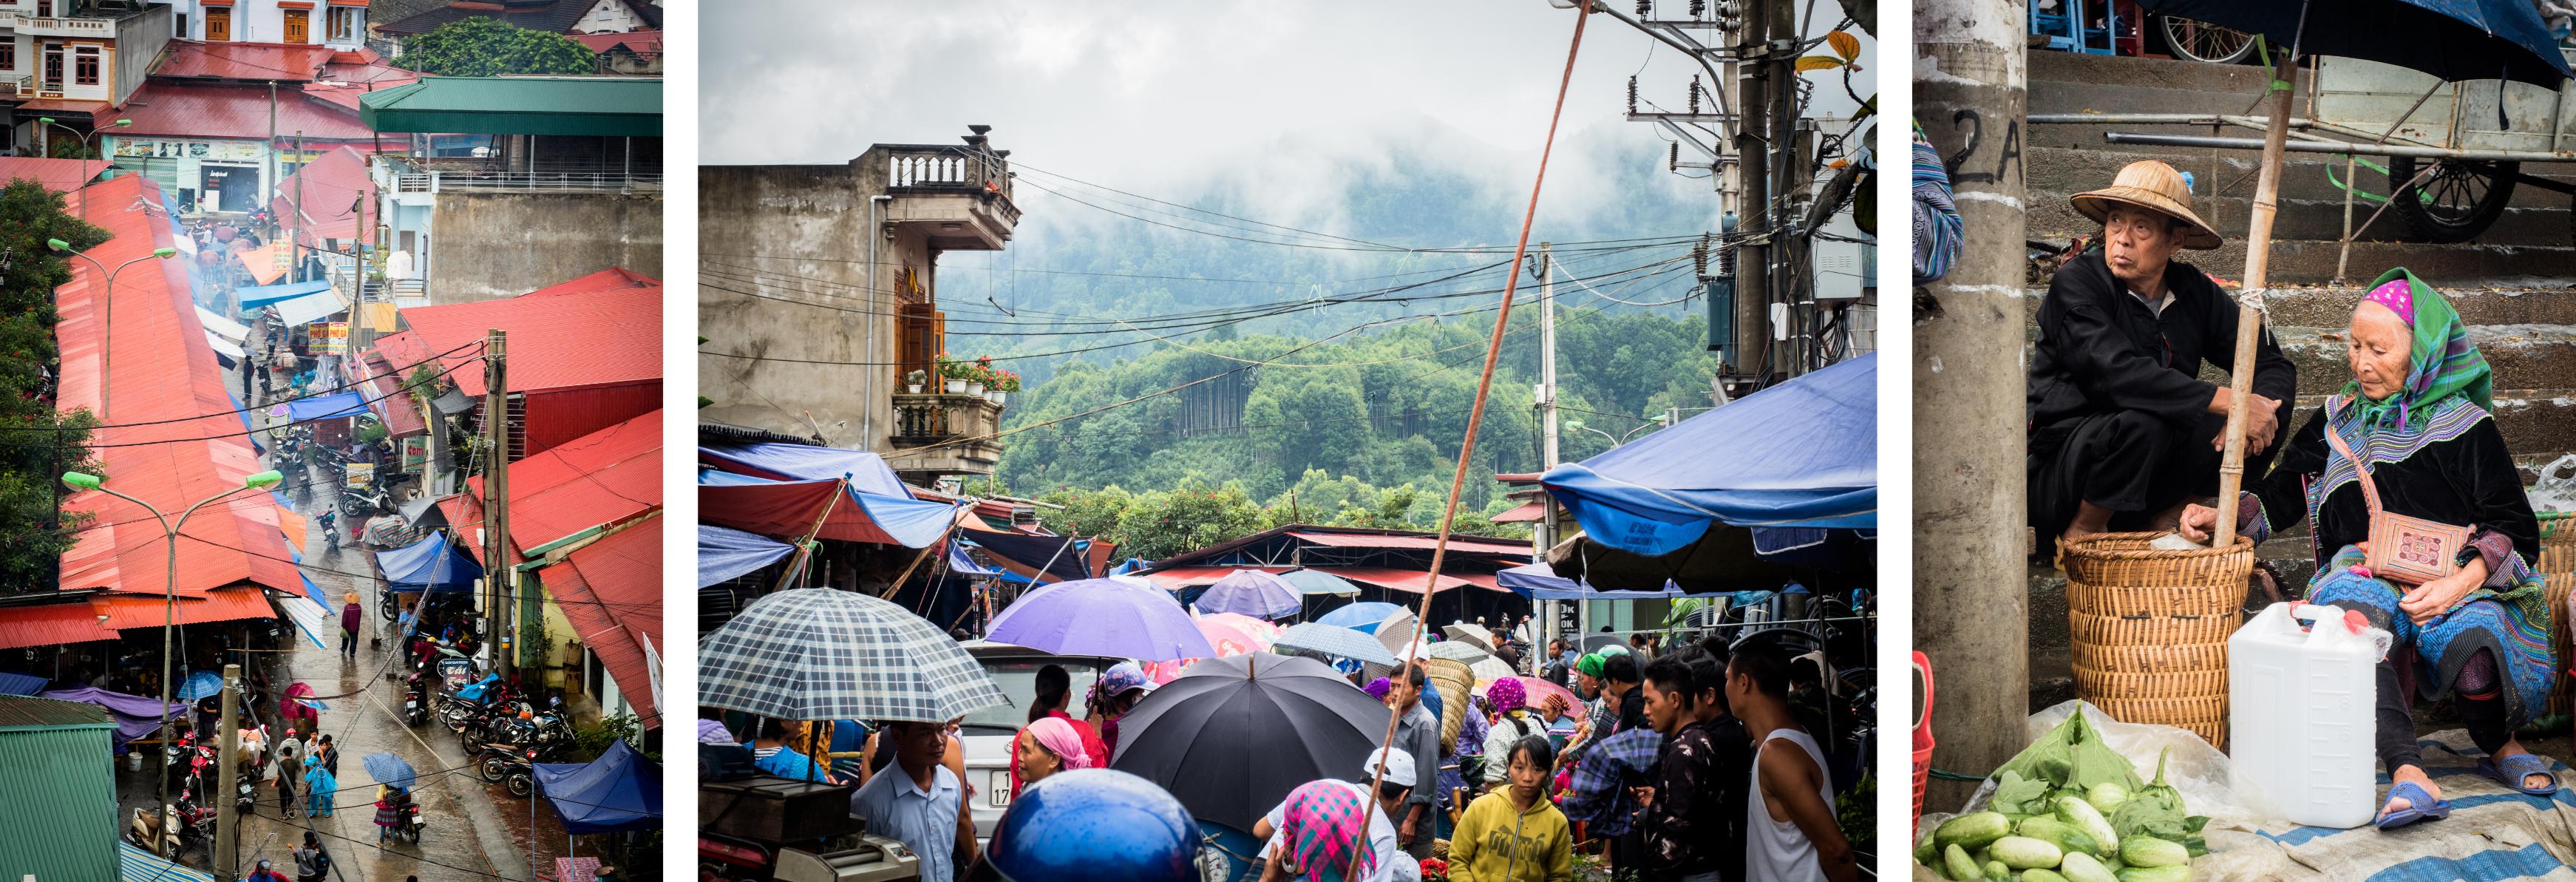 portraits ethniques - marché de bac ha - vietnam - ethnies minoritaire - bac ha market